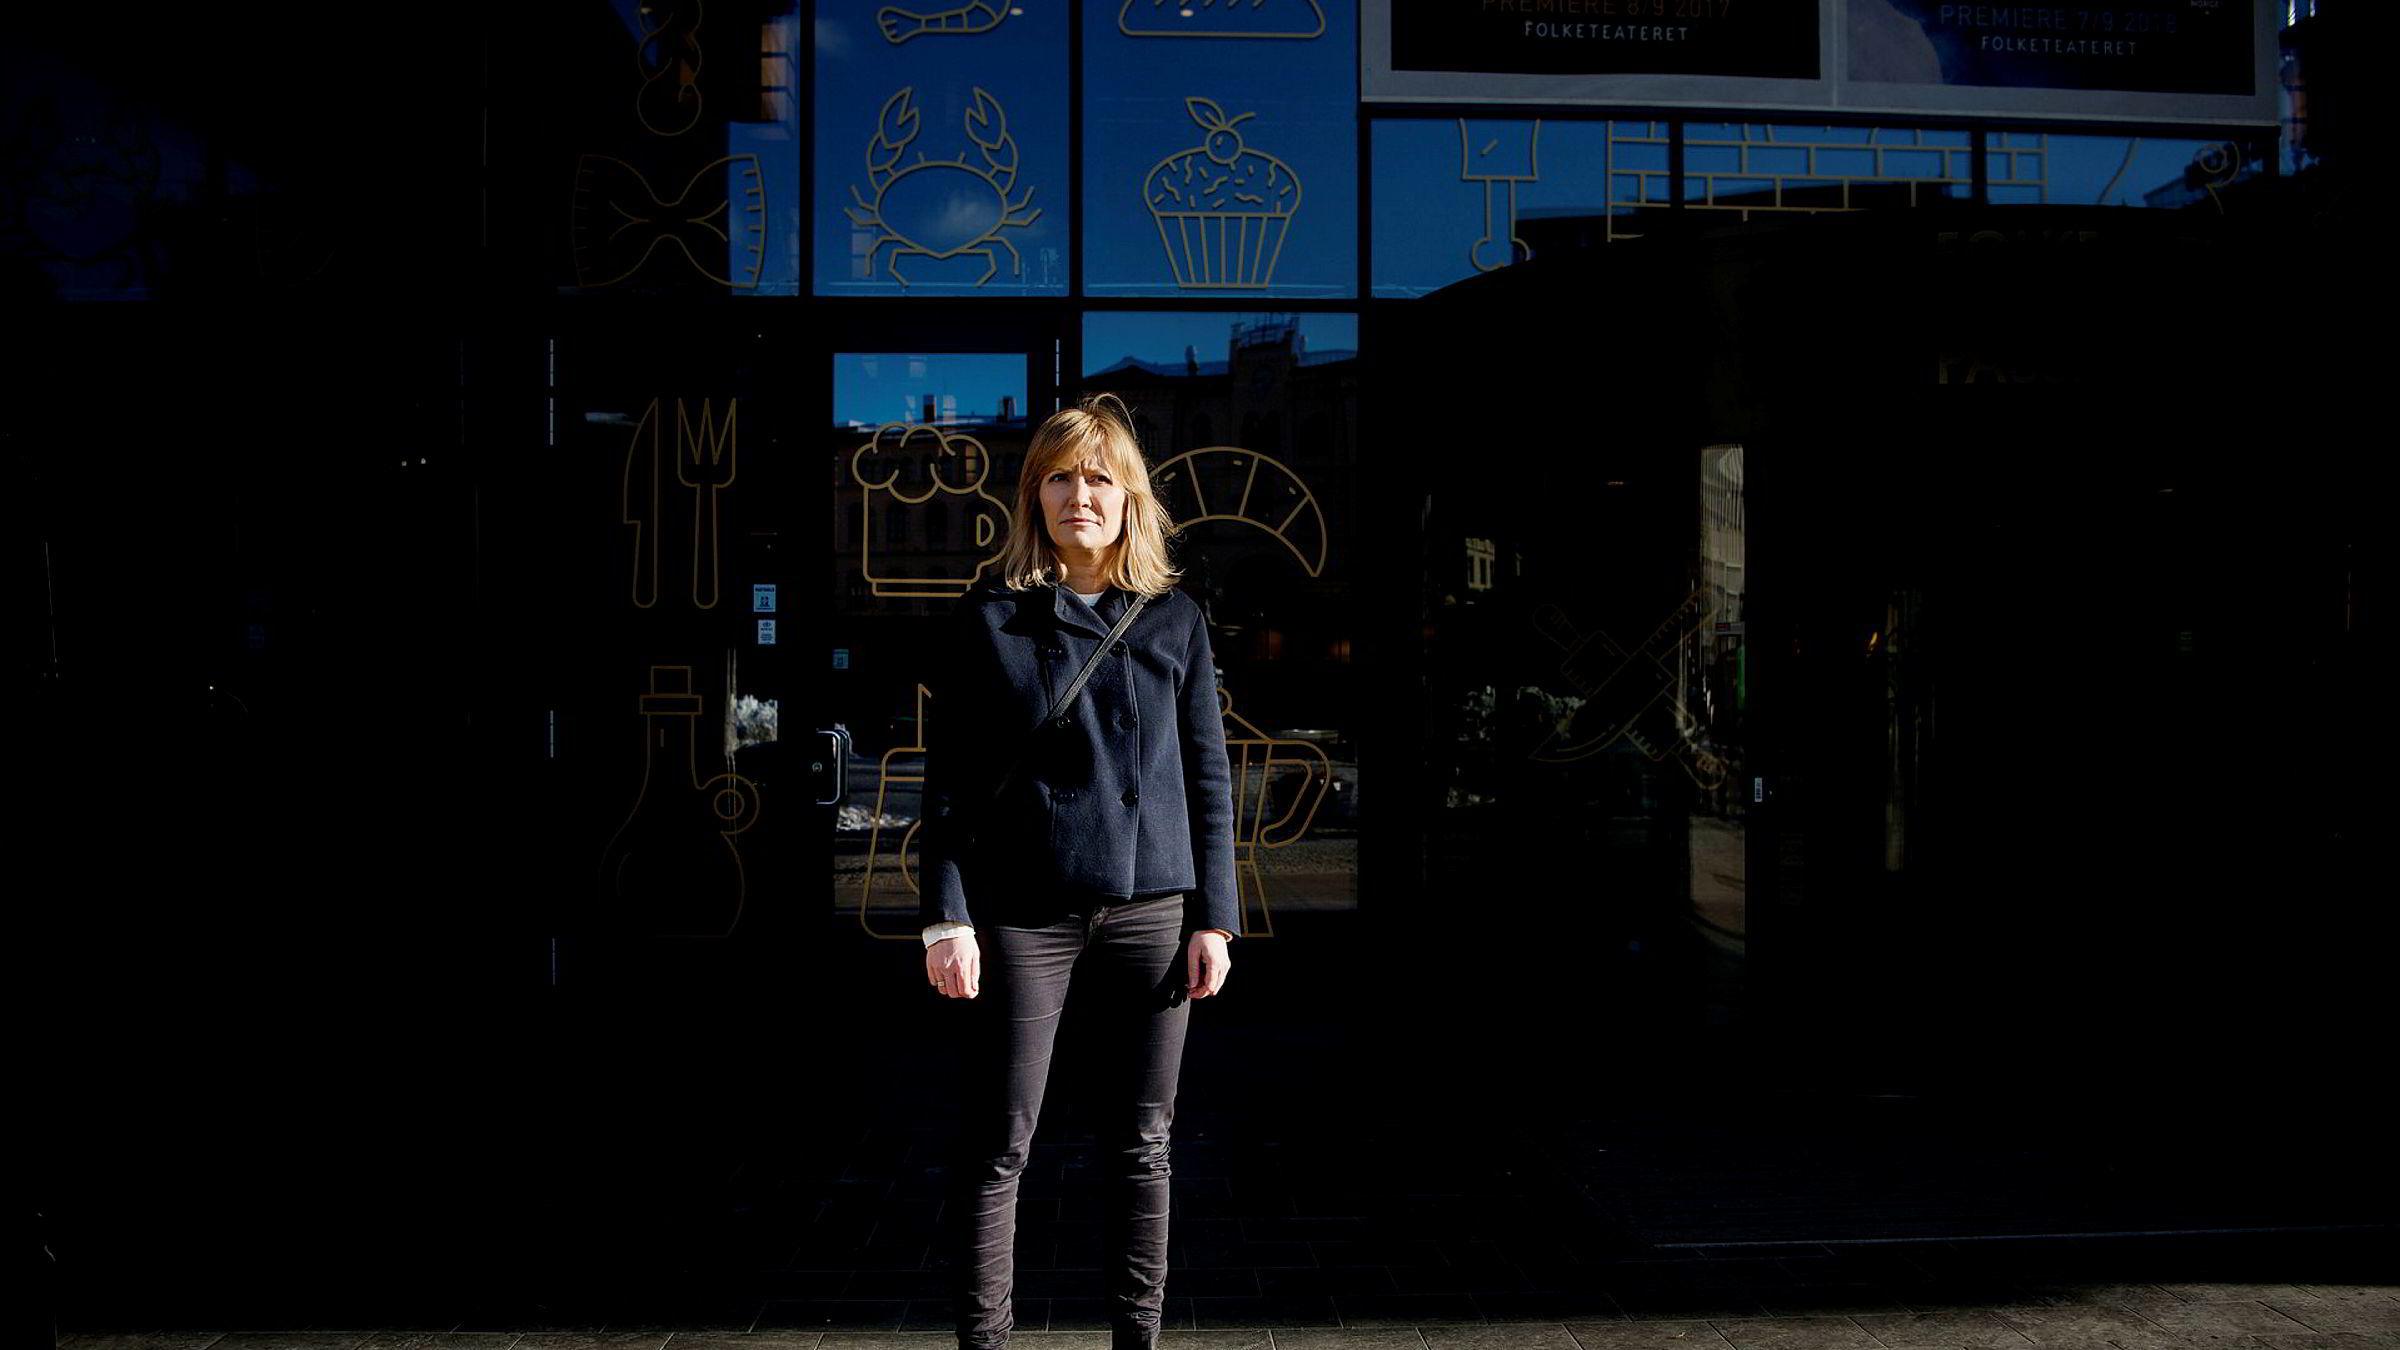 Åshild Mathisen fikk sparken som sjefredaktør i Vårt Land. Nå vil støttespillerne hennes ha omkamp.